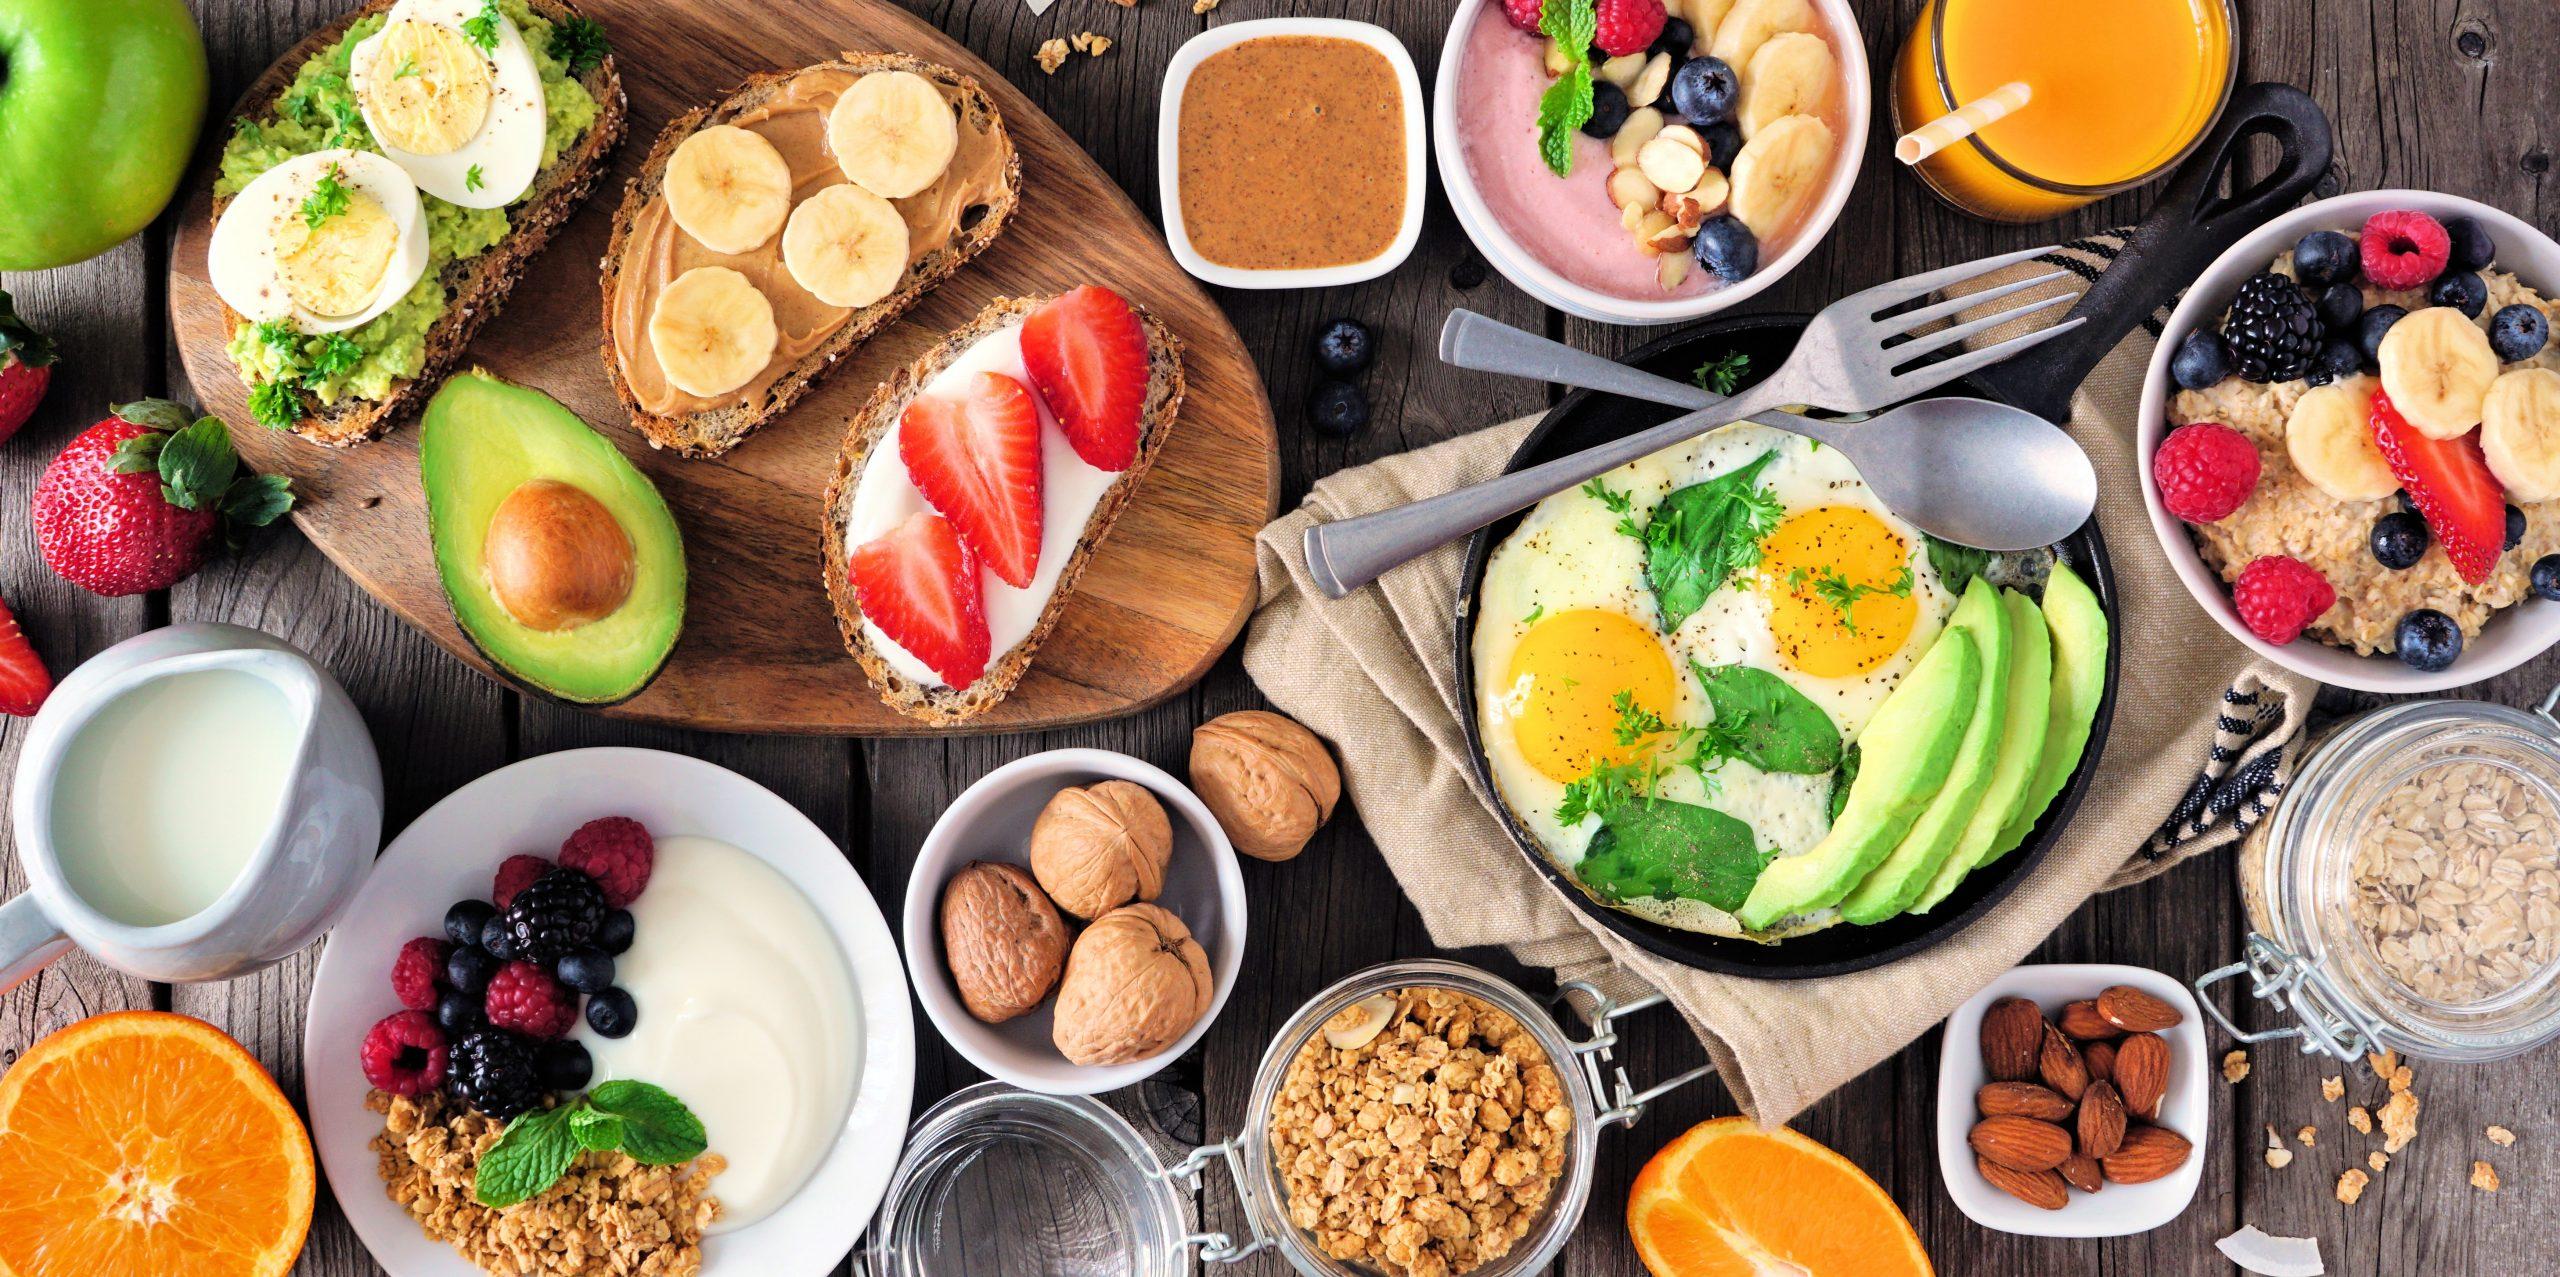 Healthy Breakfast Ideas to Try